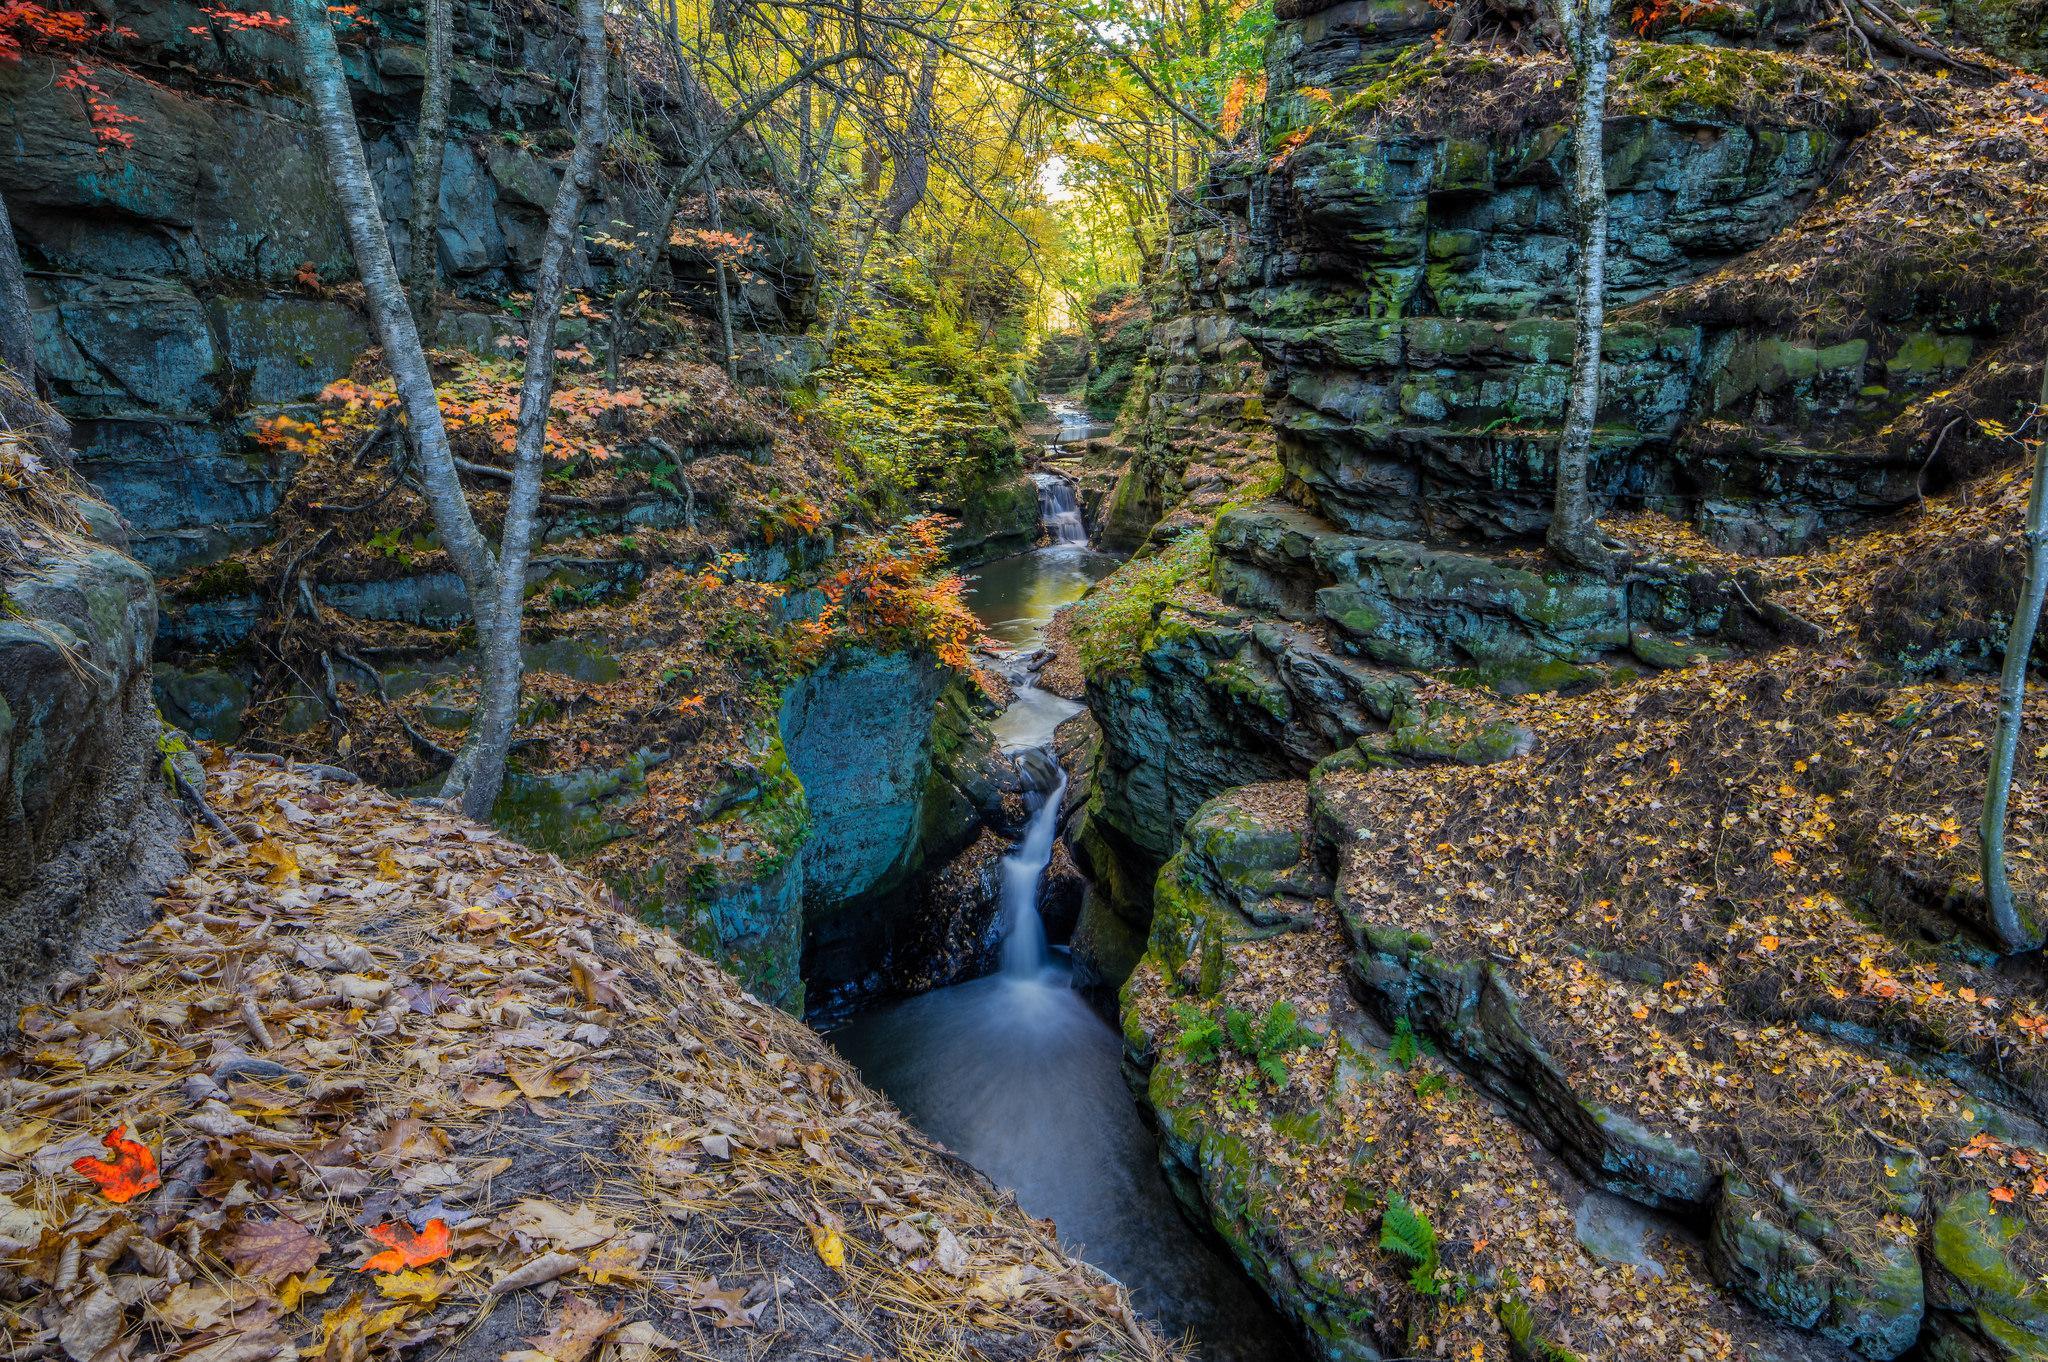 обои осень, лес, днревья, скалы картинки фото